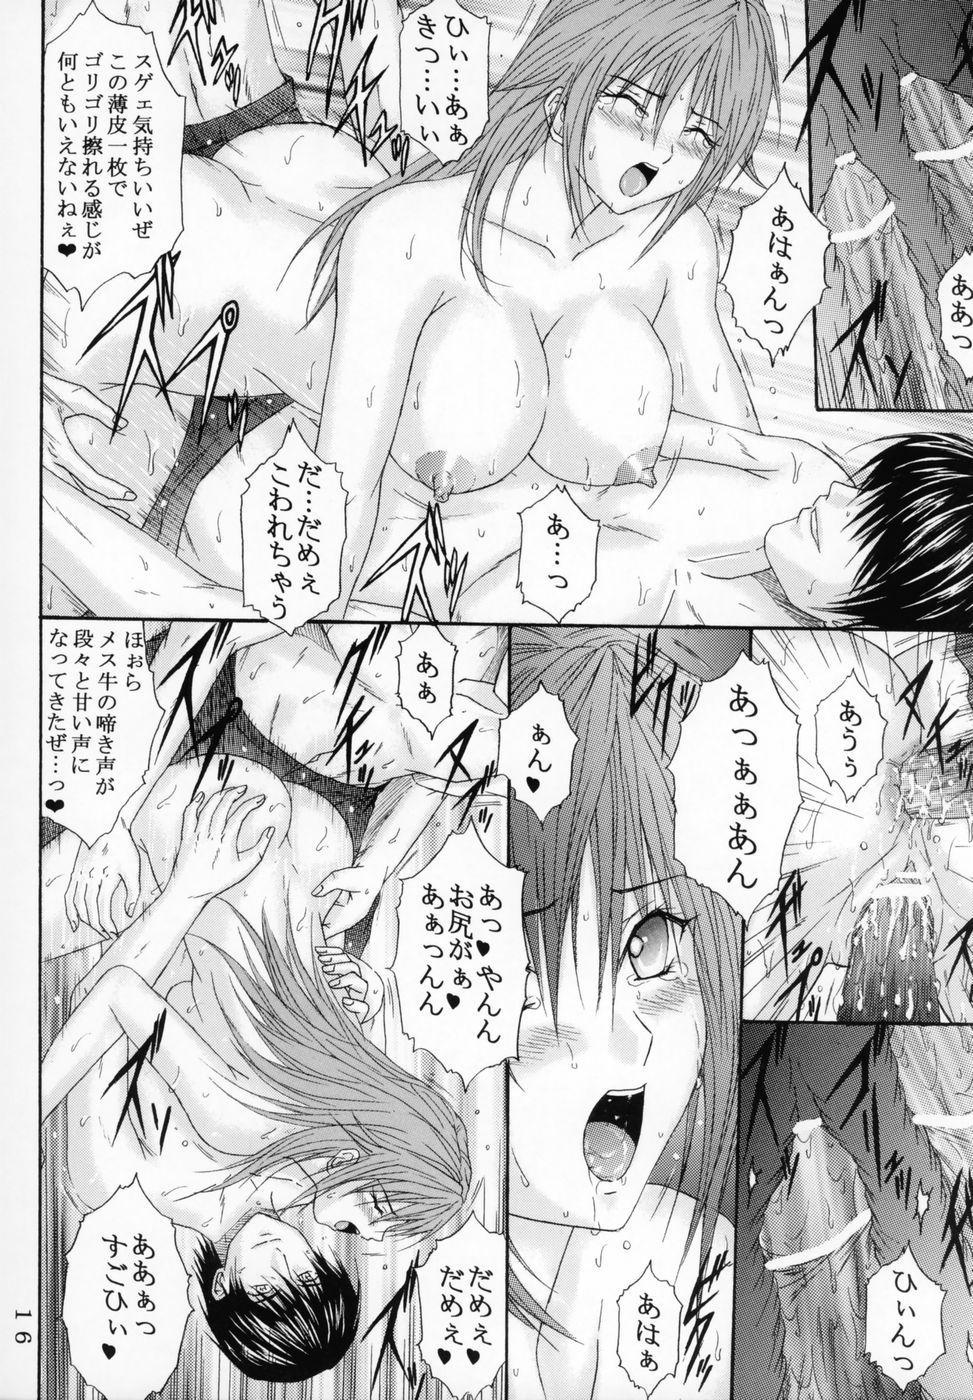 Ryoujoku Rensa 7 14